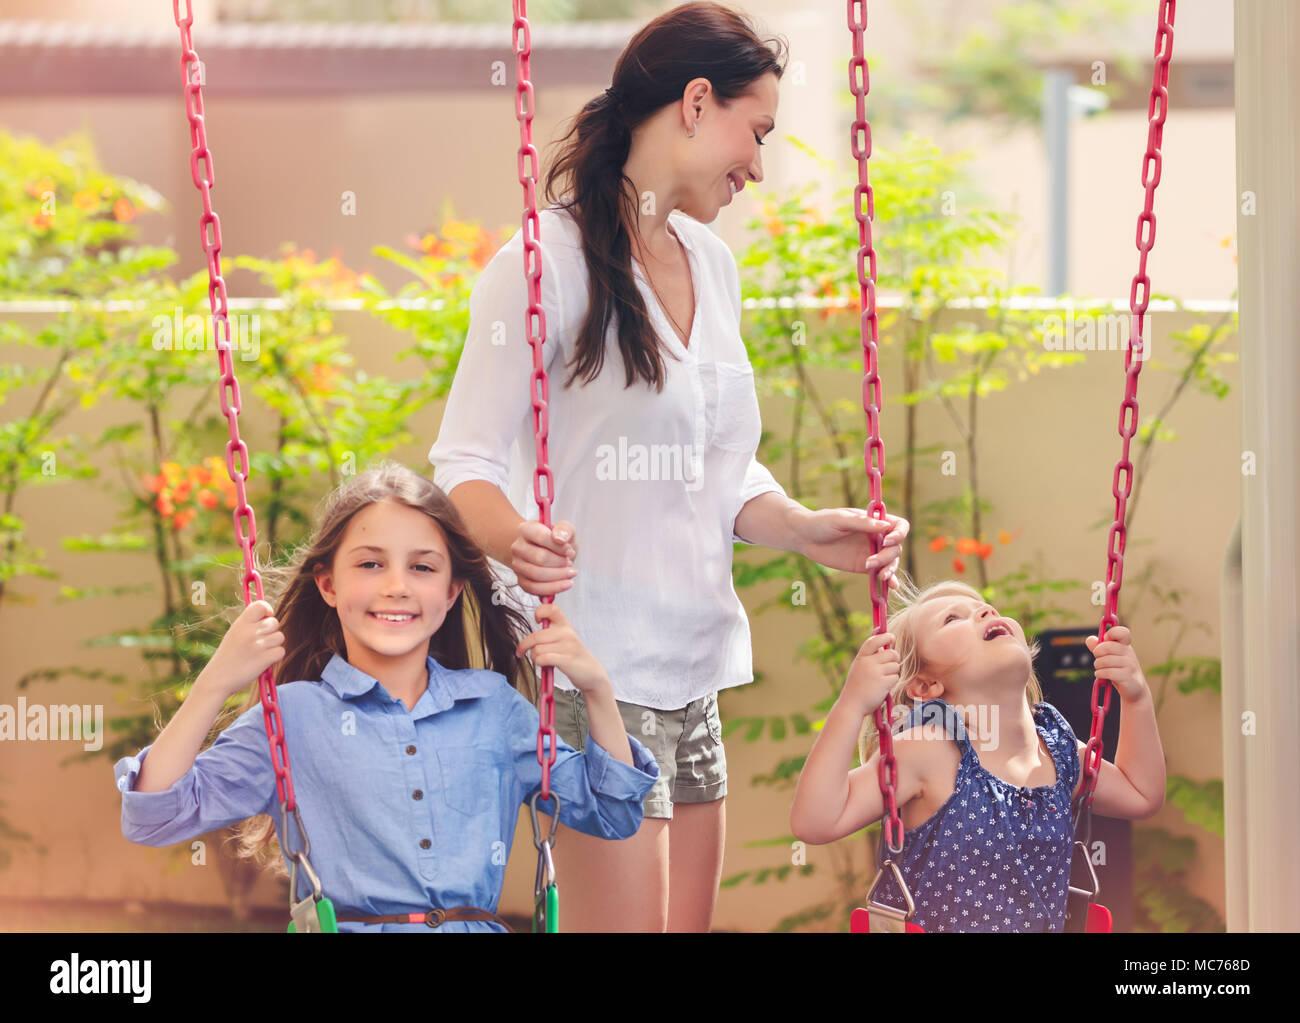 Mère de deux filles sur un terrain de jeux, de belles jeunes filles maman rocks son précieux sur l'oscillation, l'amusement pour les enfants, plein air famille heureuse spendi Photo Stock